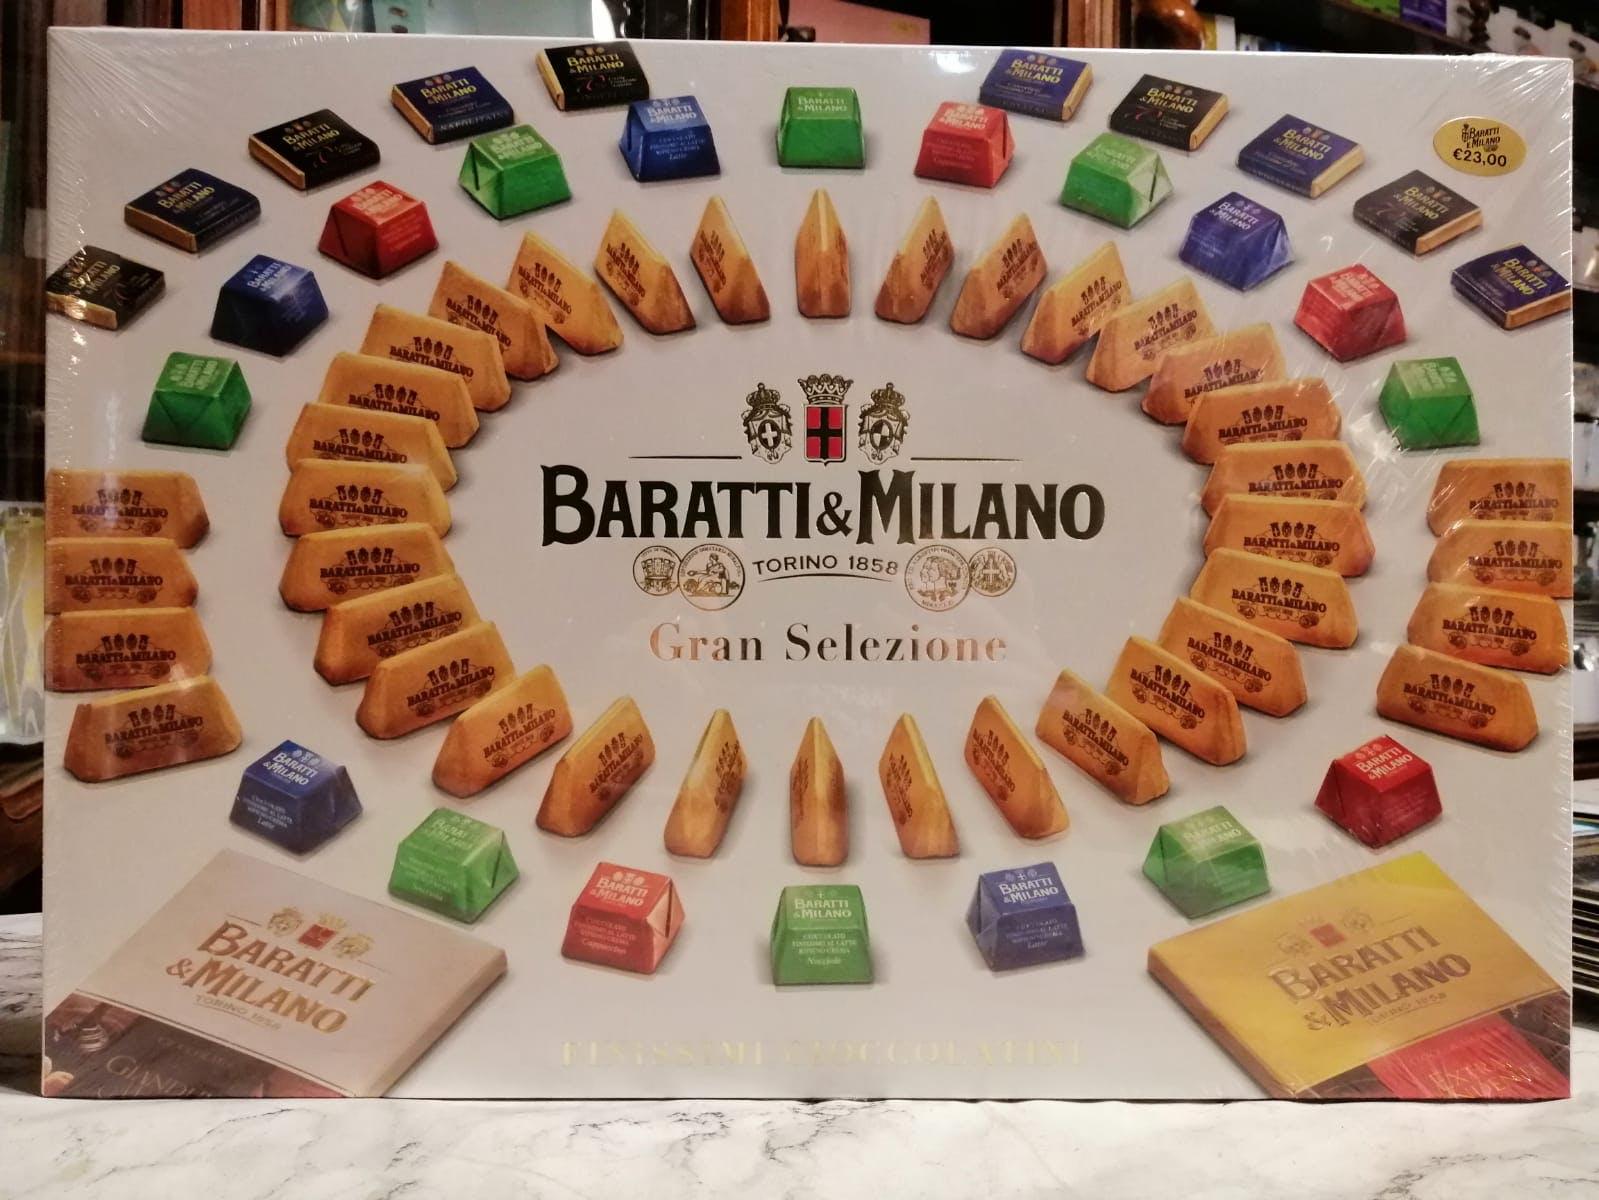 Baratti&Milano, Gran Selezione